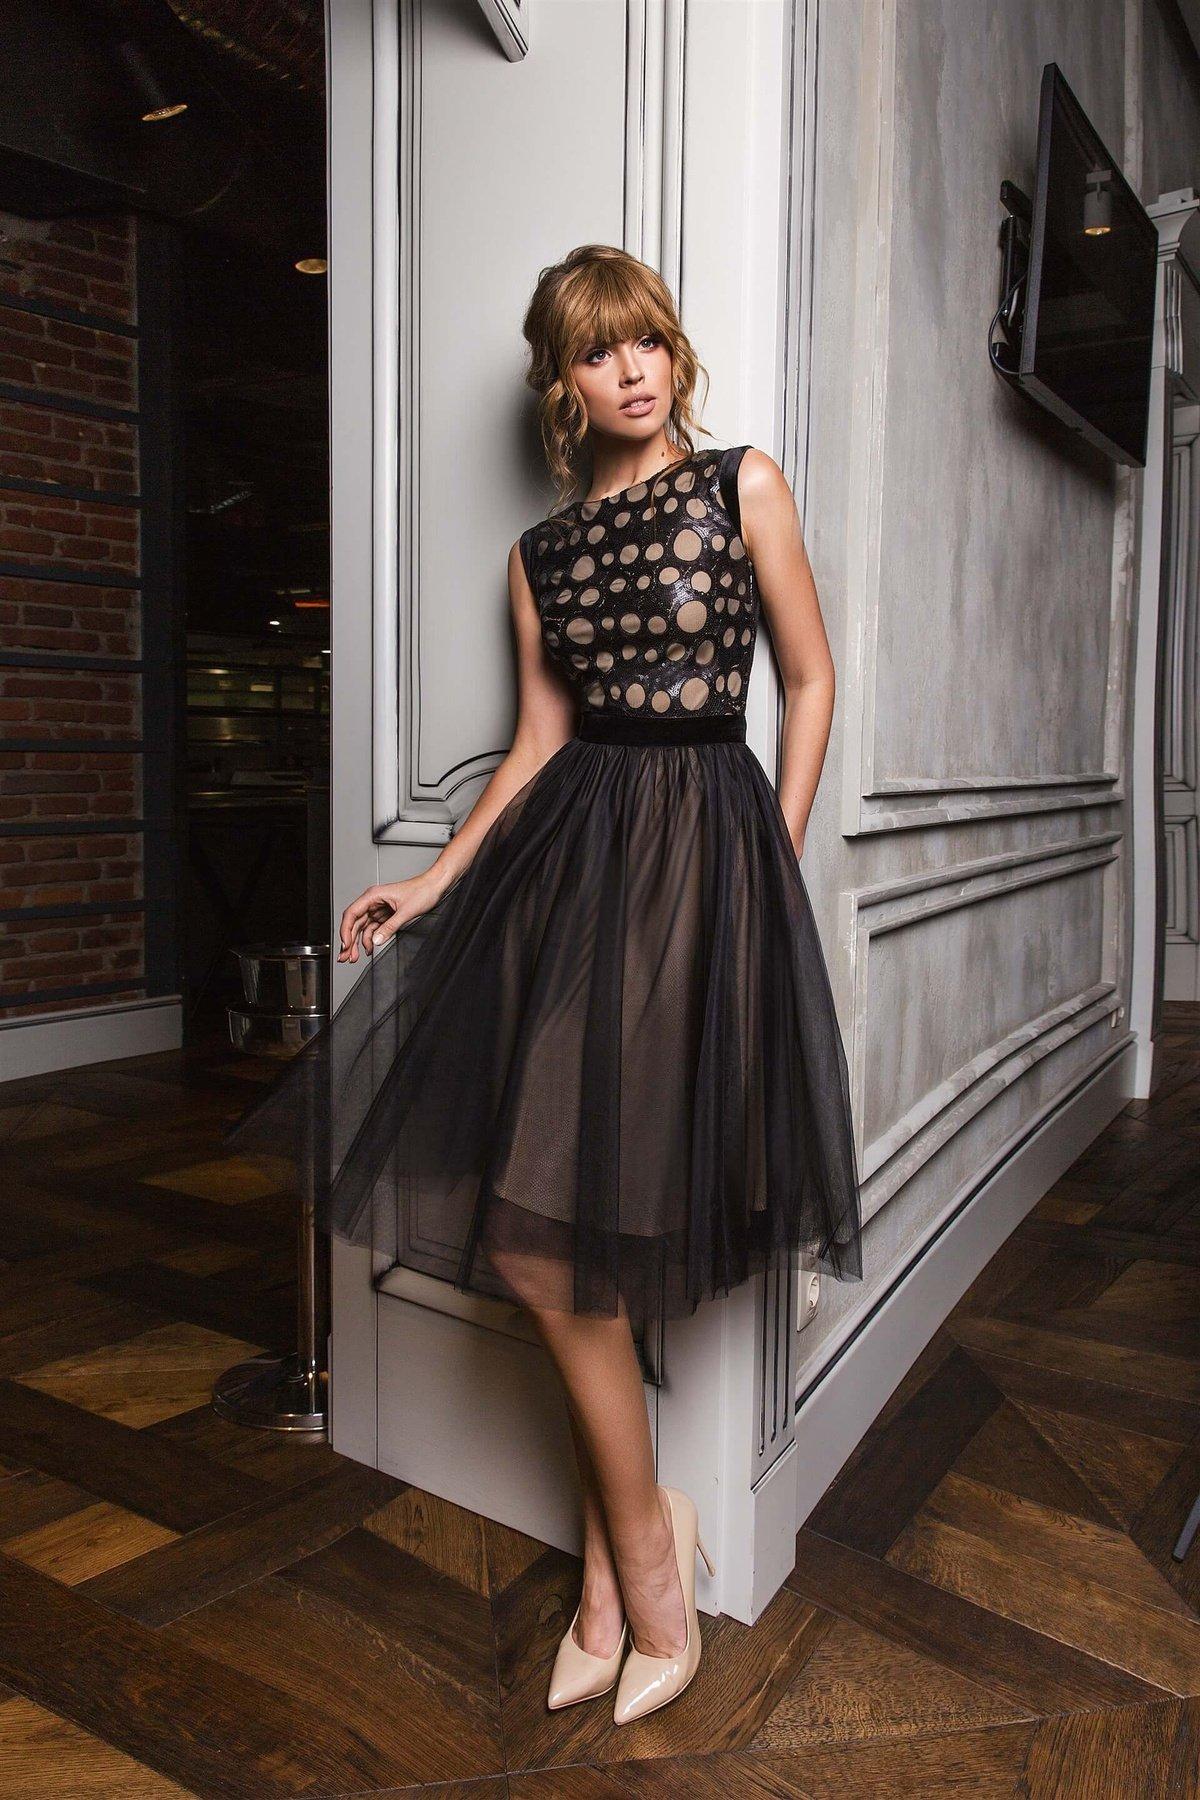 Сукня Spice - купити коктейльні сукні та вечірні сукні Olya Mak a87806a96840f